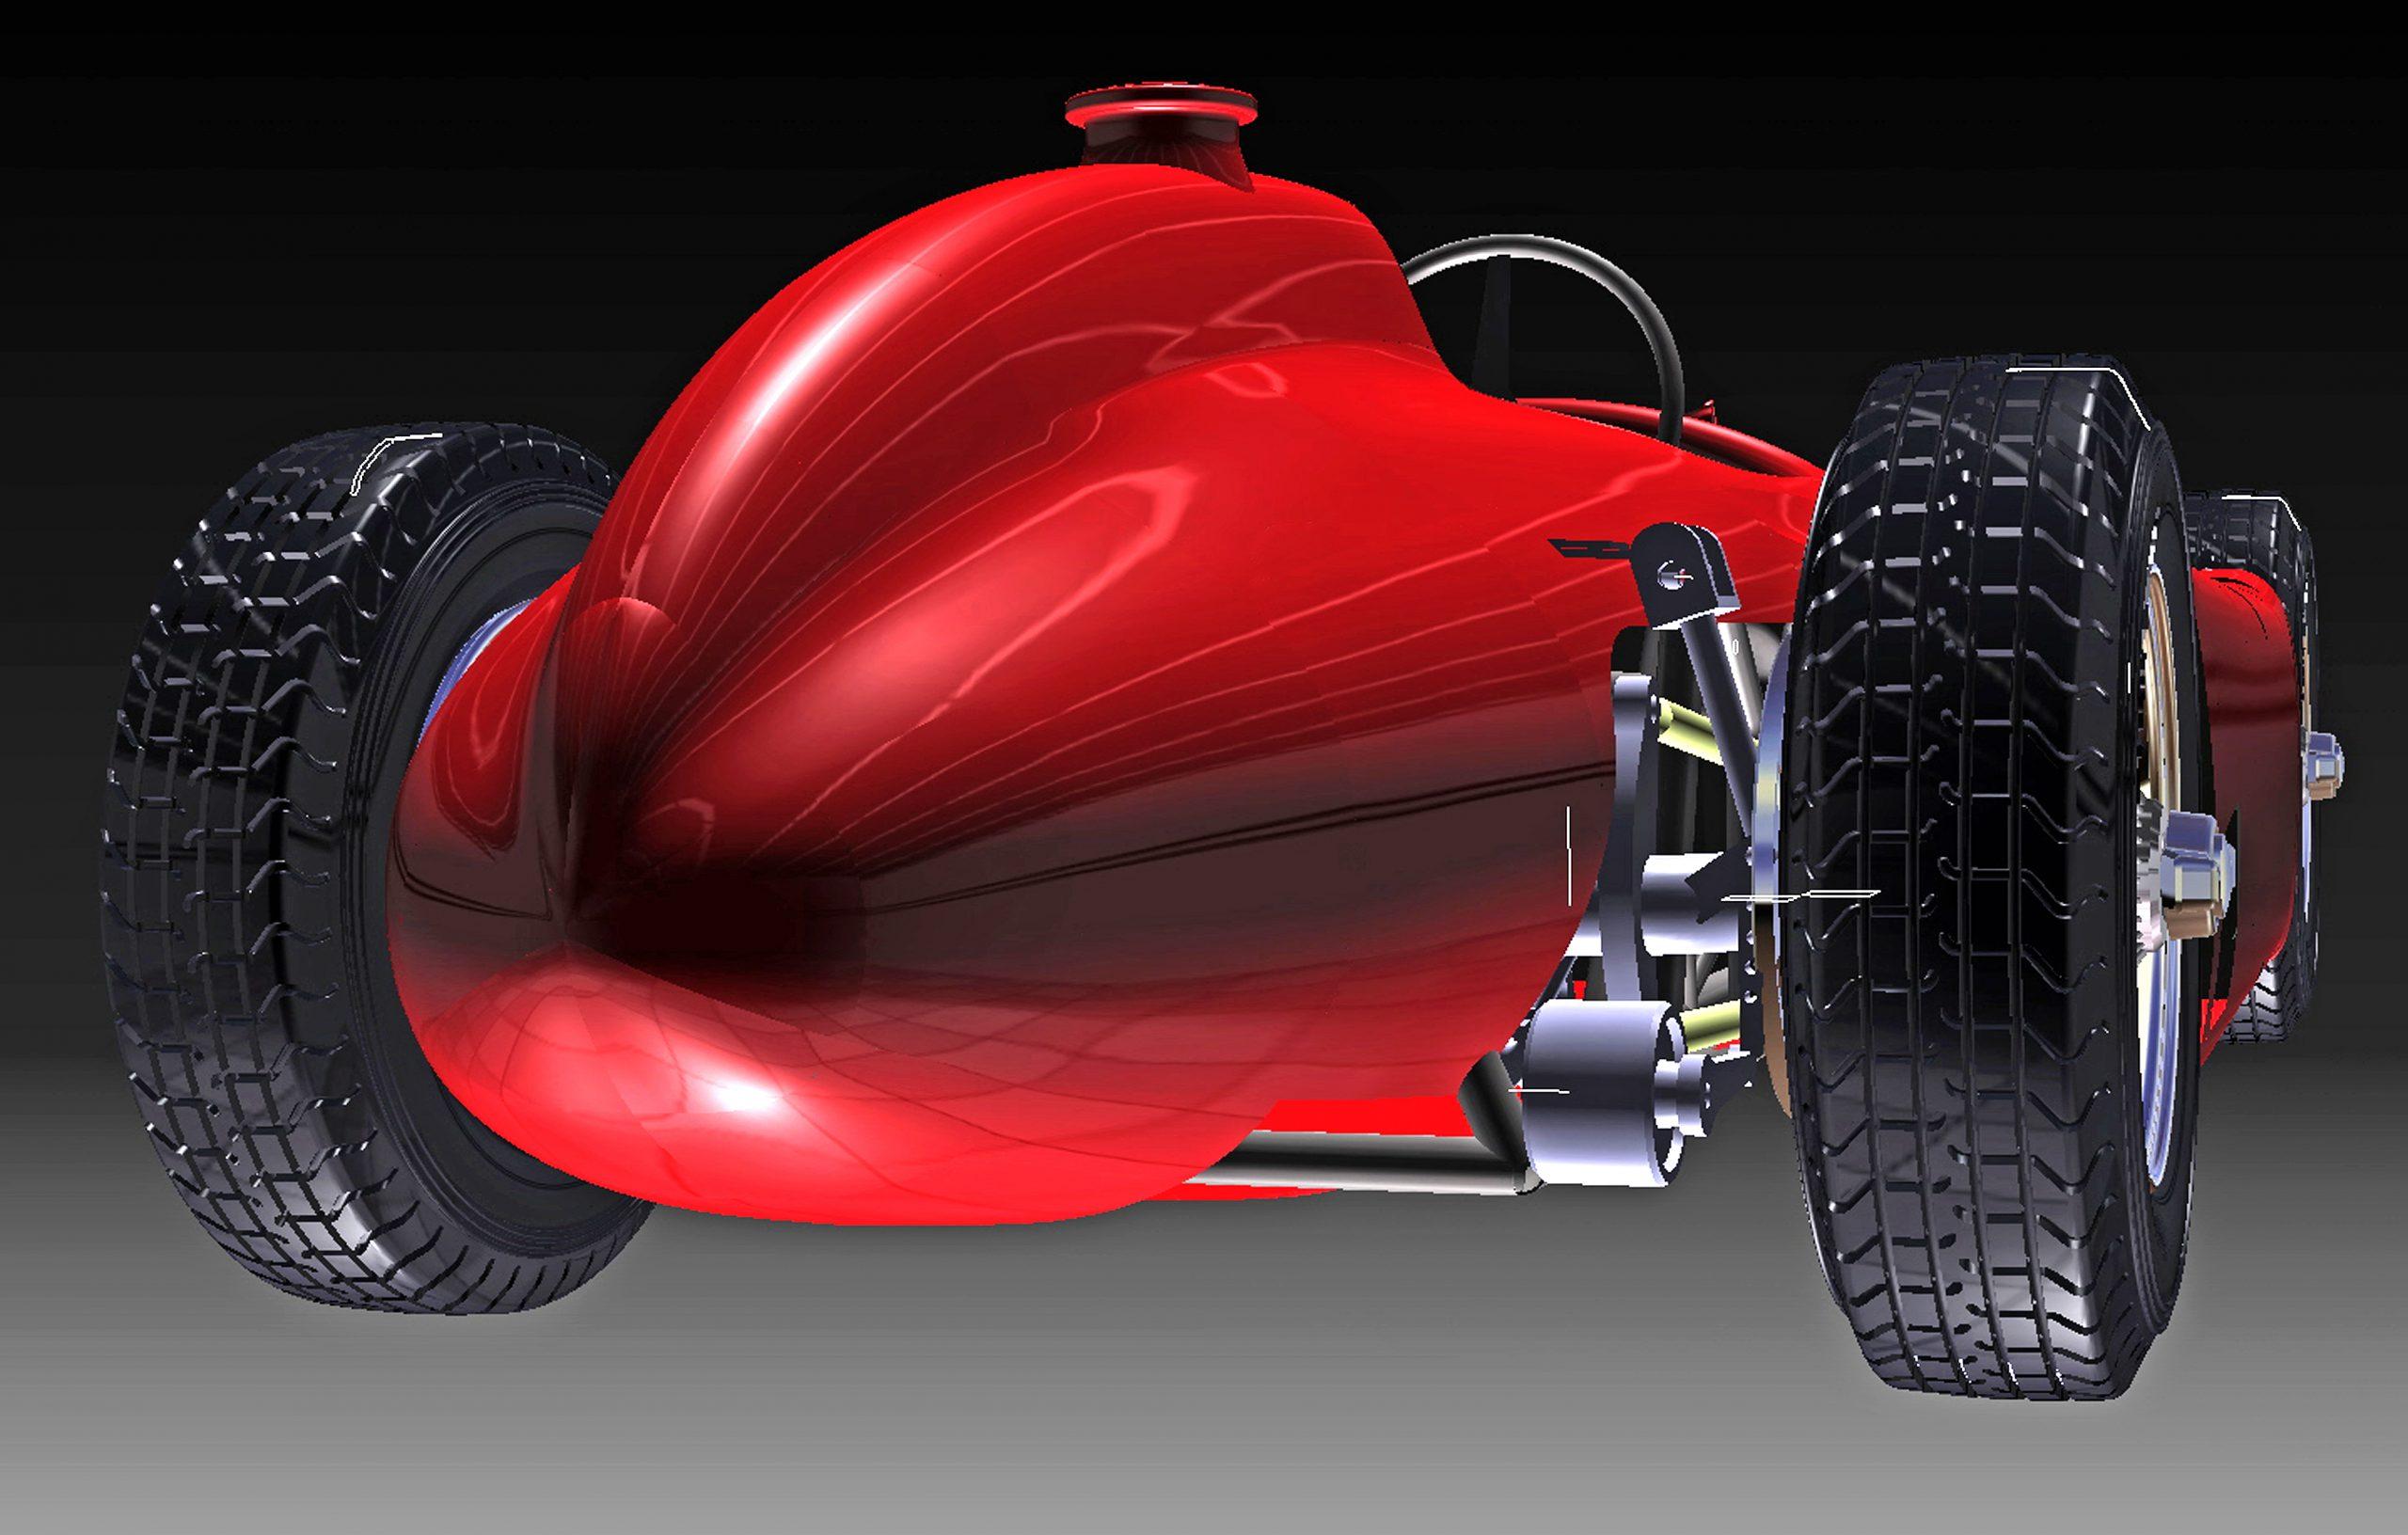 ferrari scale model rendering rear